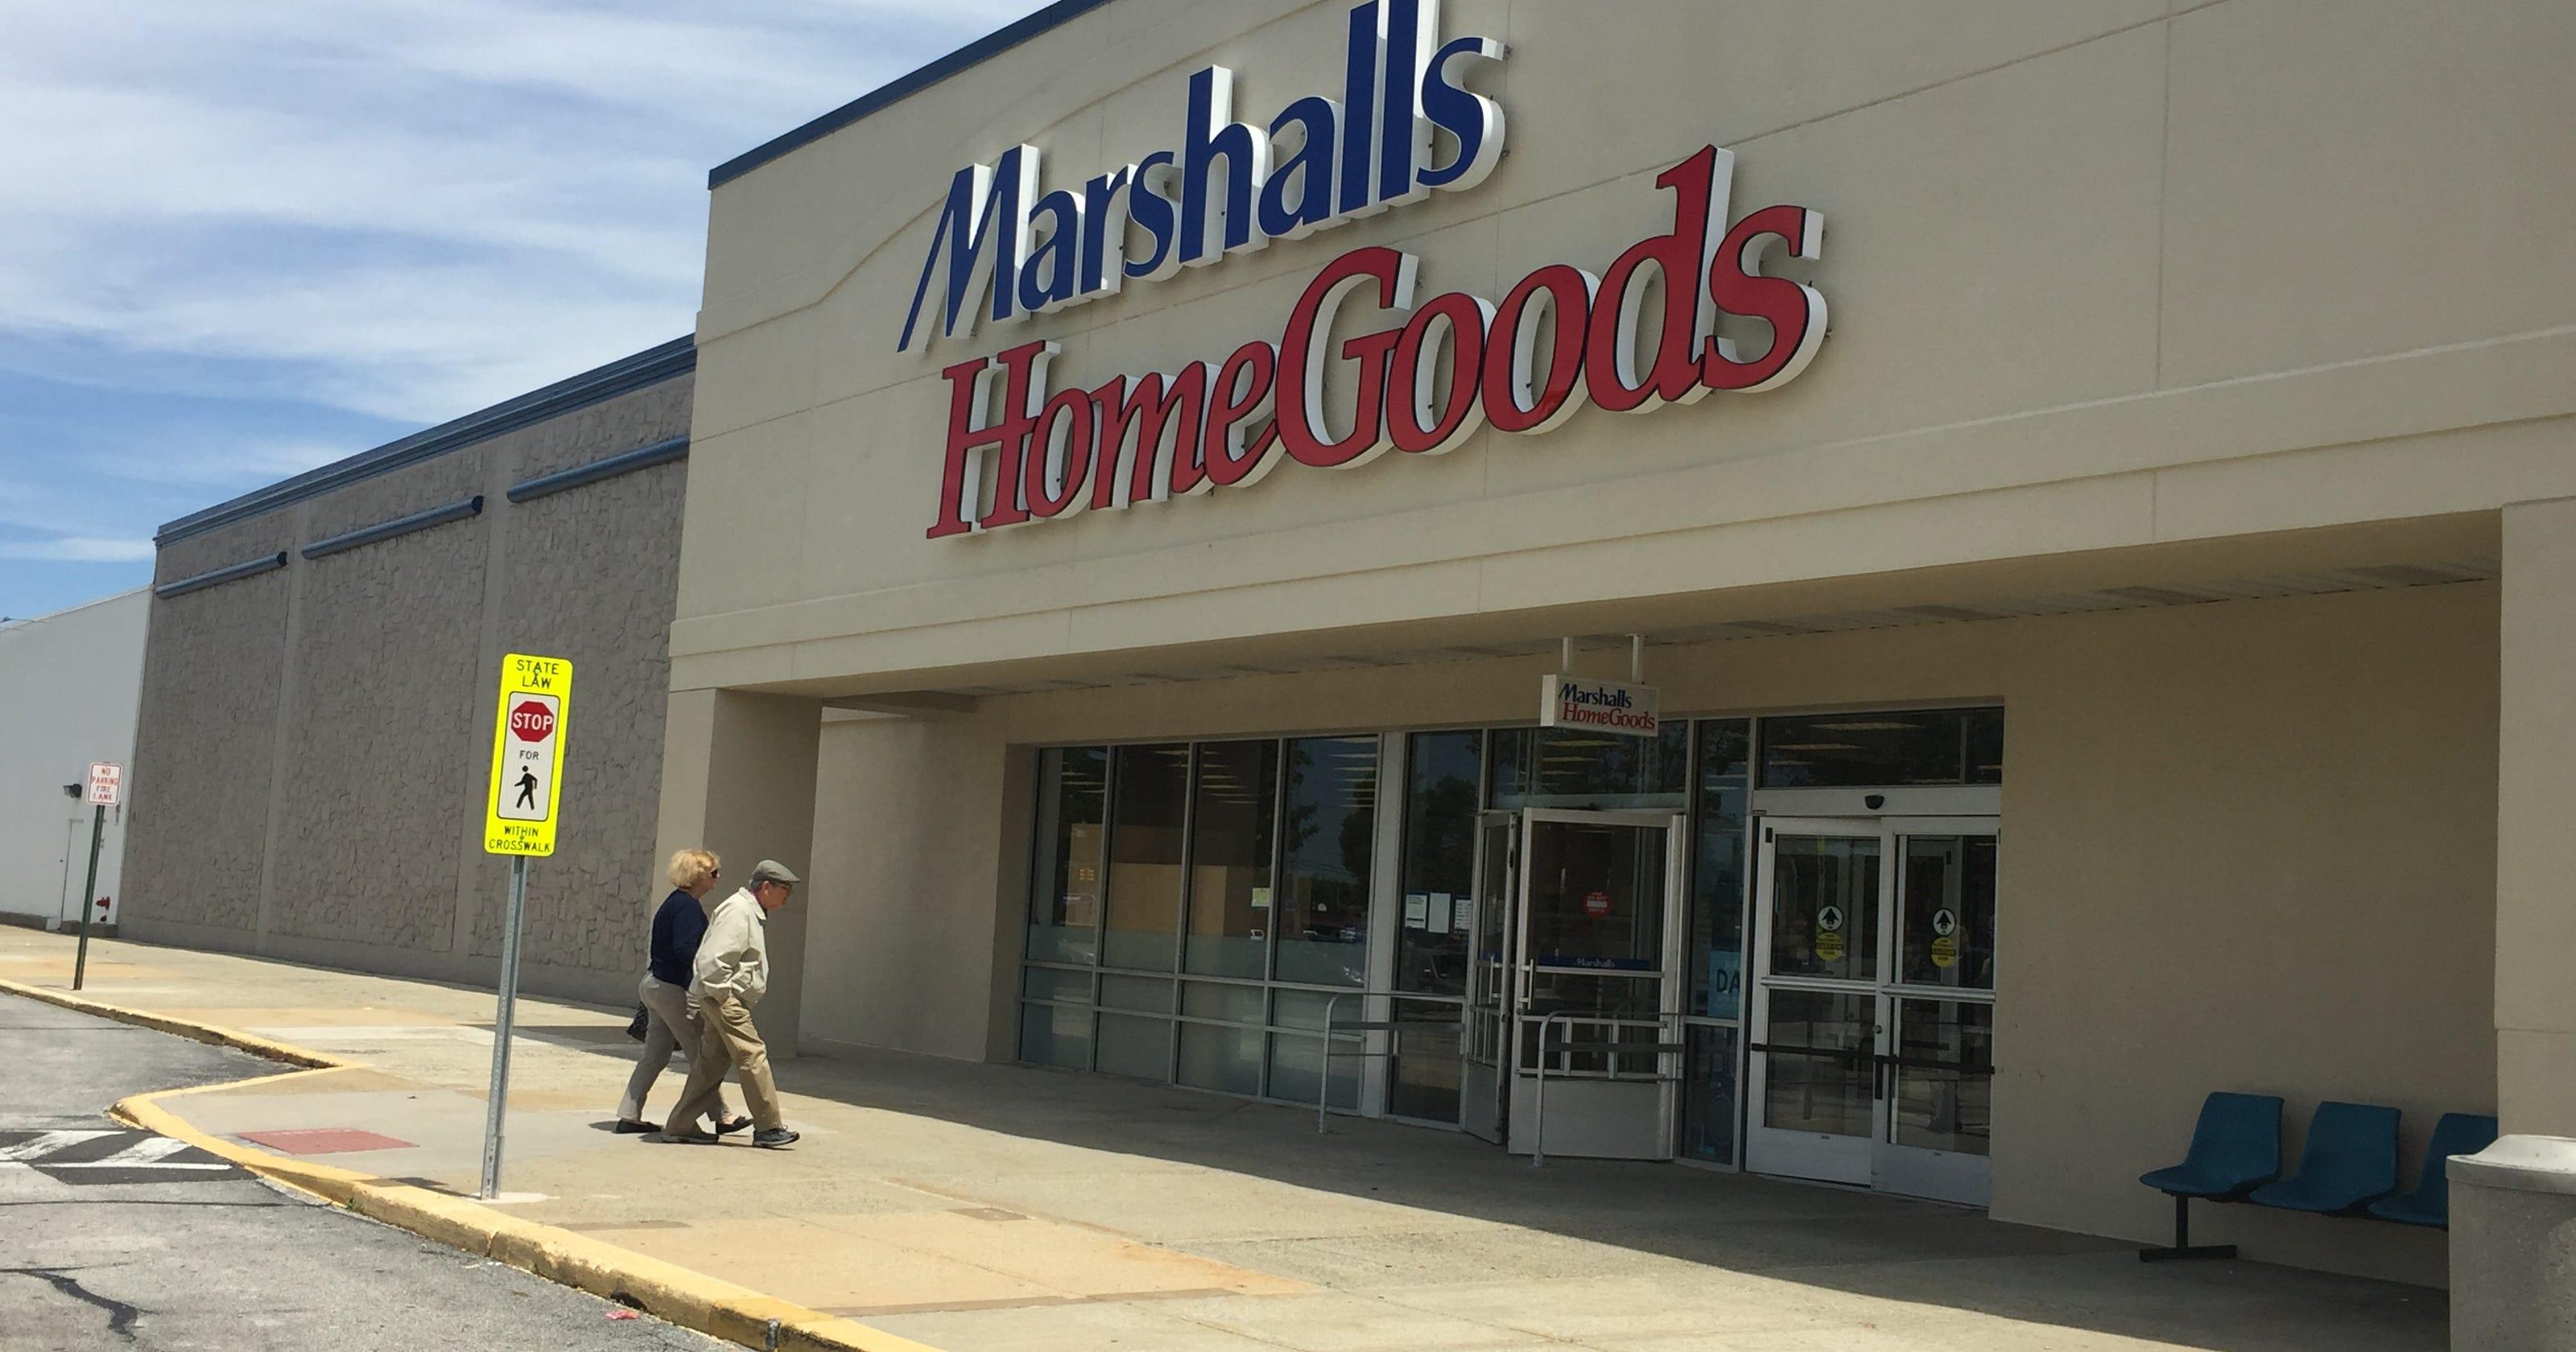 New Marshallshomegoods Store Bringing More Shopping Jobs To Sparks